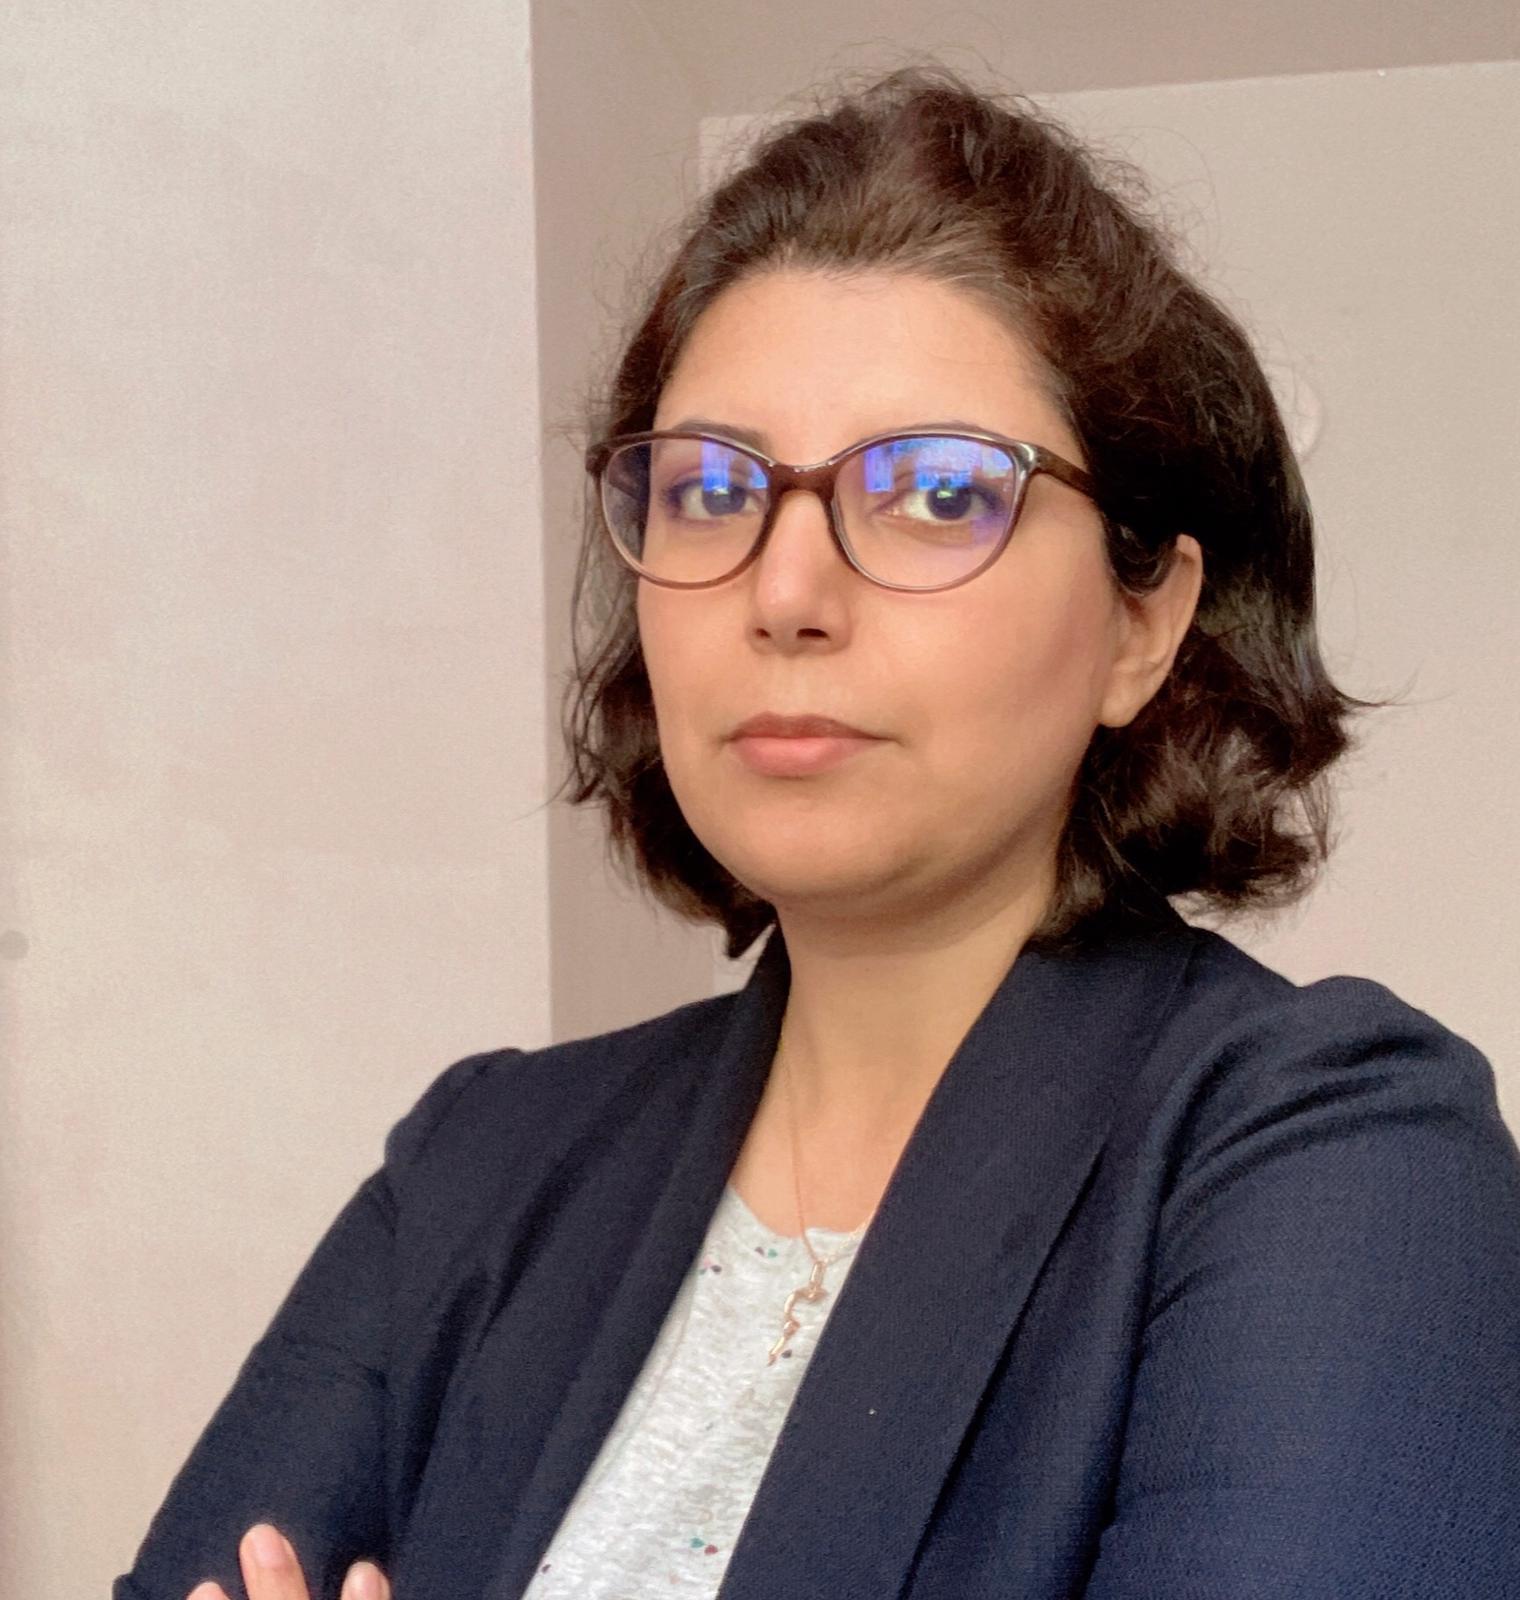 Nasibeh Naserizaker